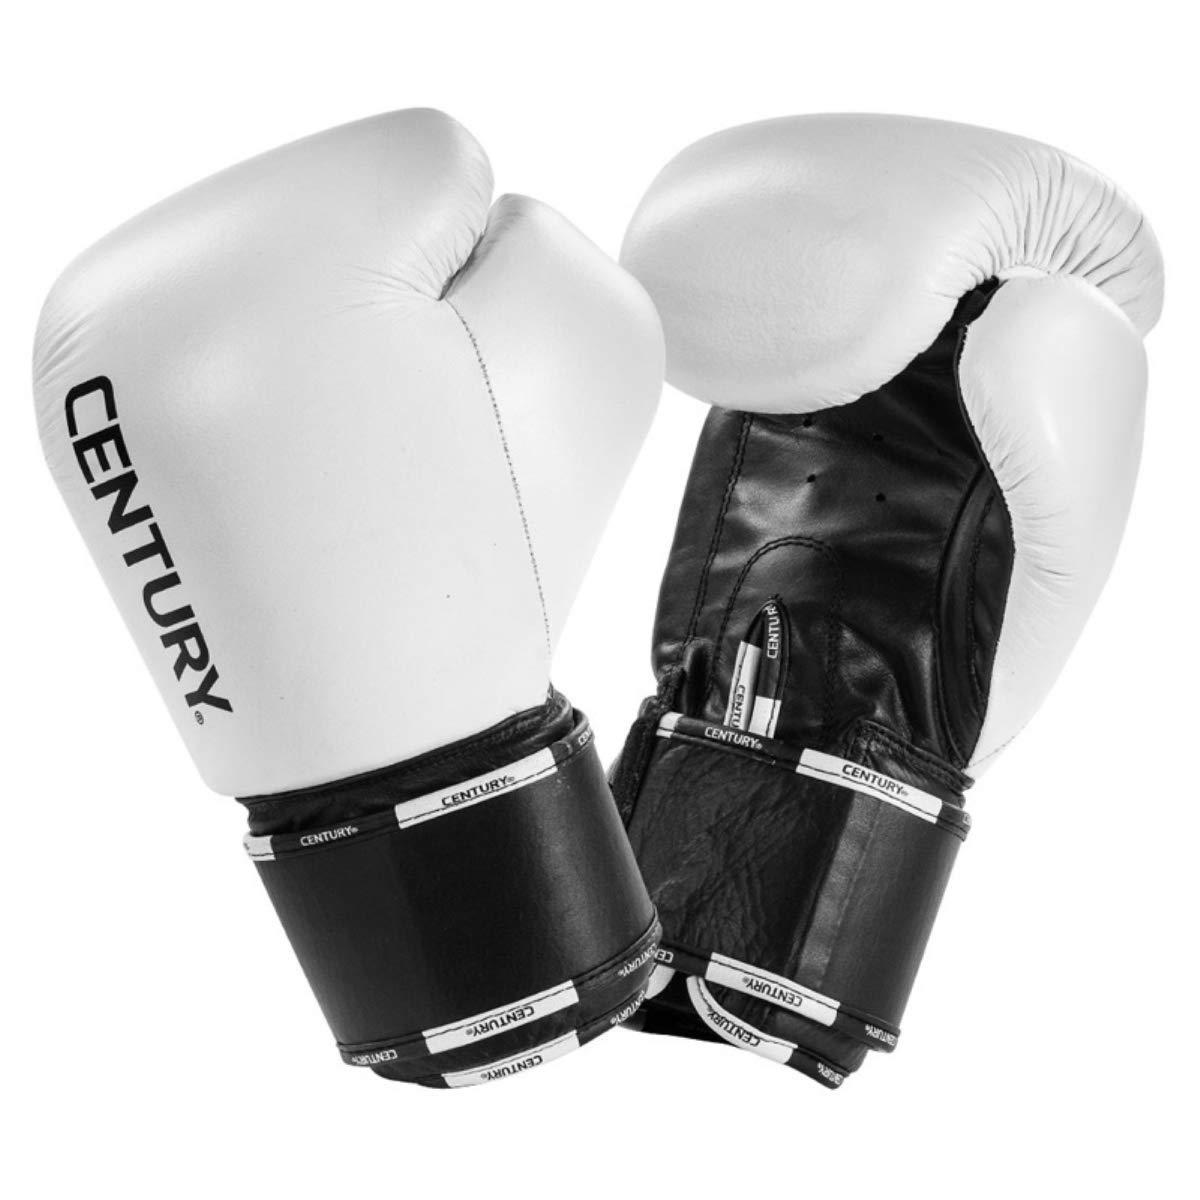 Century CREED heavy-bag手袋 ブラック/ホワイト 16 Oz